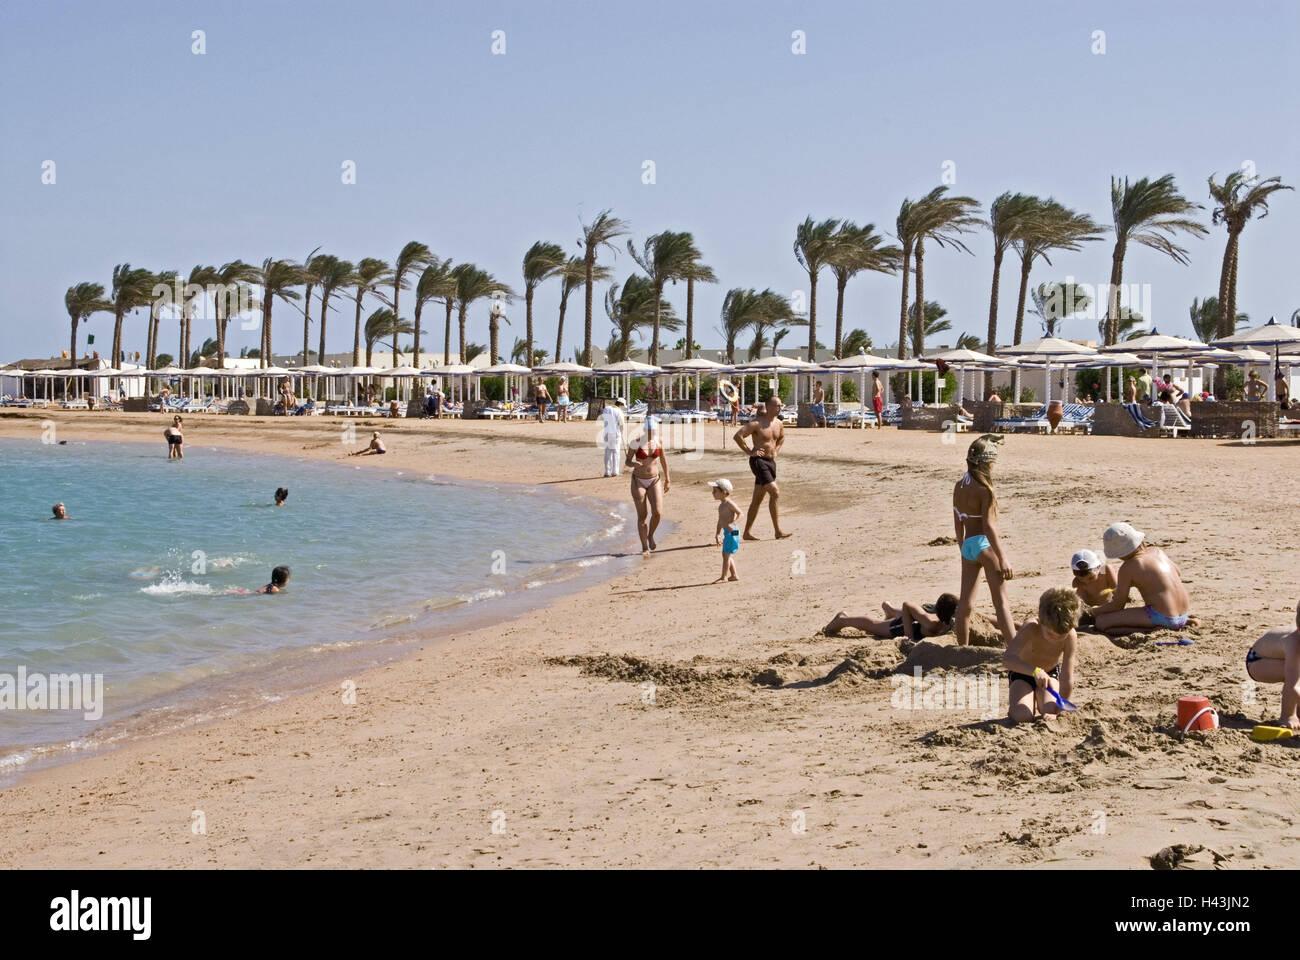 Egypt Hurghada Dana Beach Resort Beach Tourist Africa Upper Stock Photo Alamy